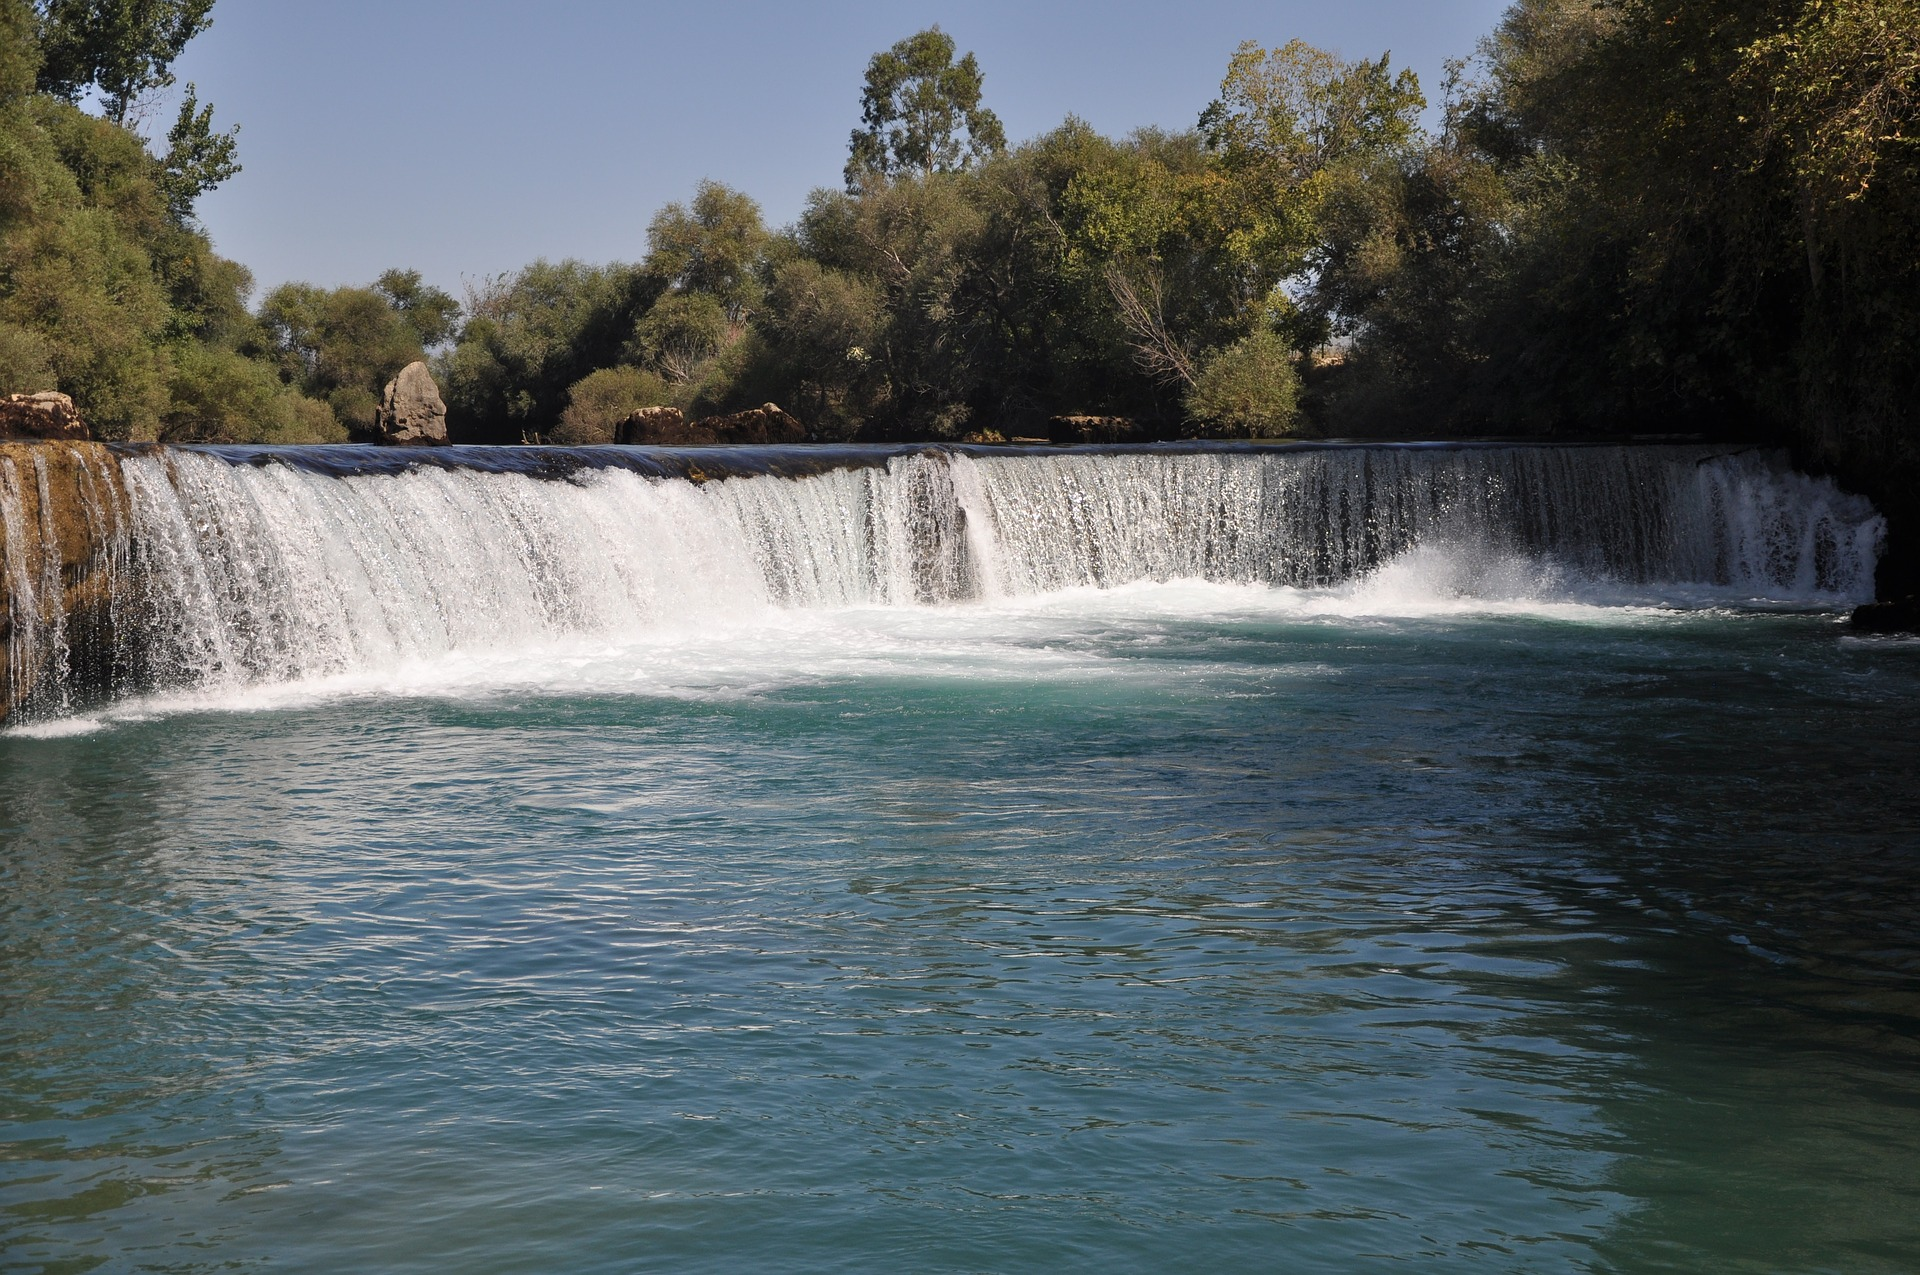 Manvagat Wasserfälle in der Türkei